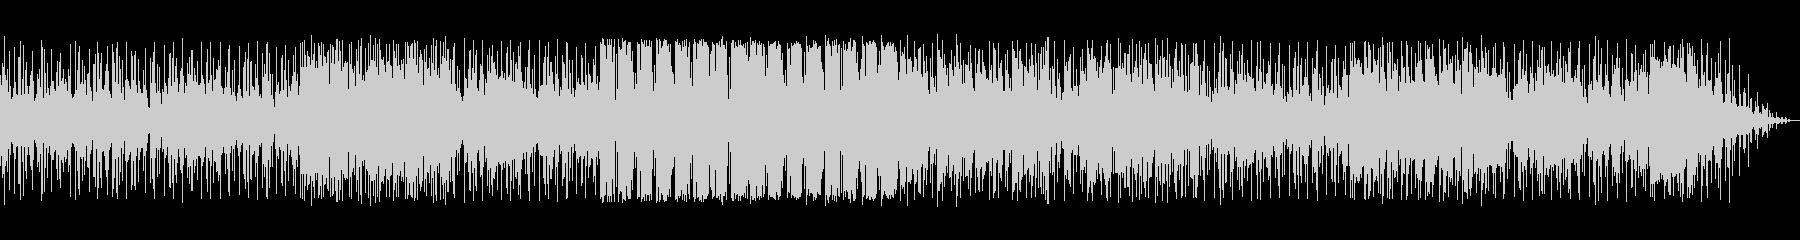 ベースの旋律が印象的なバラードの未再生の波形